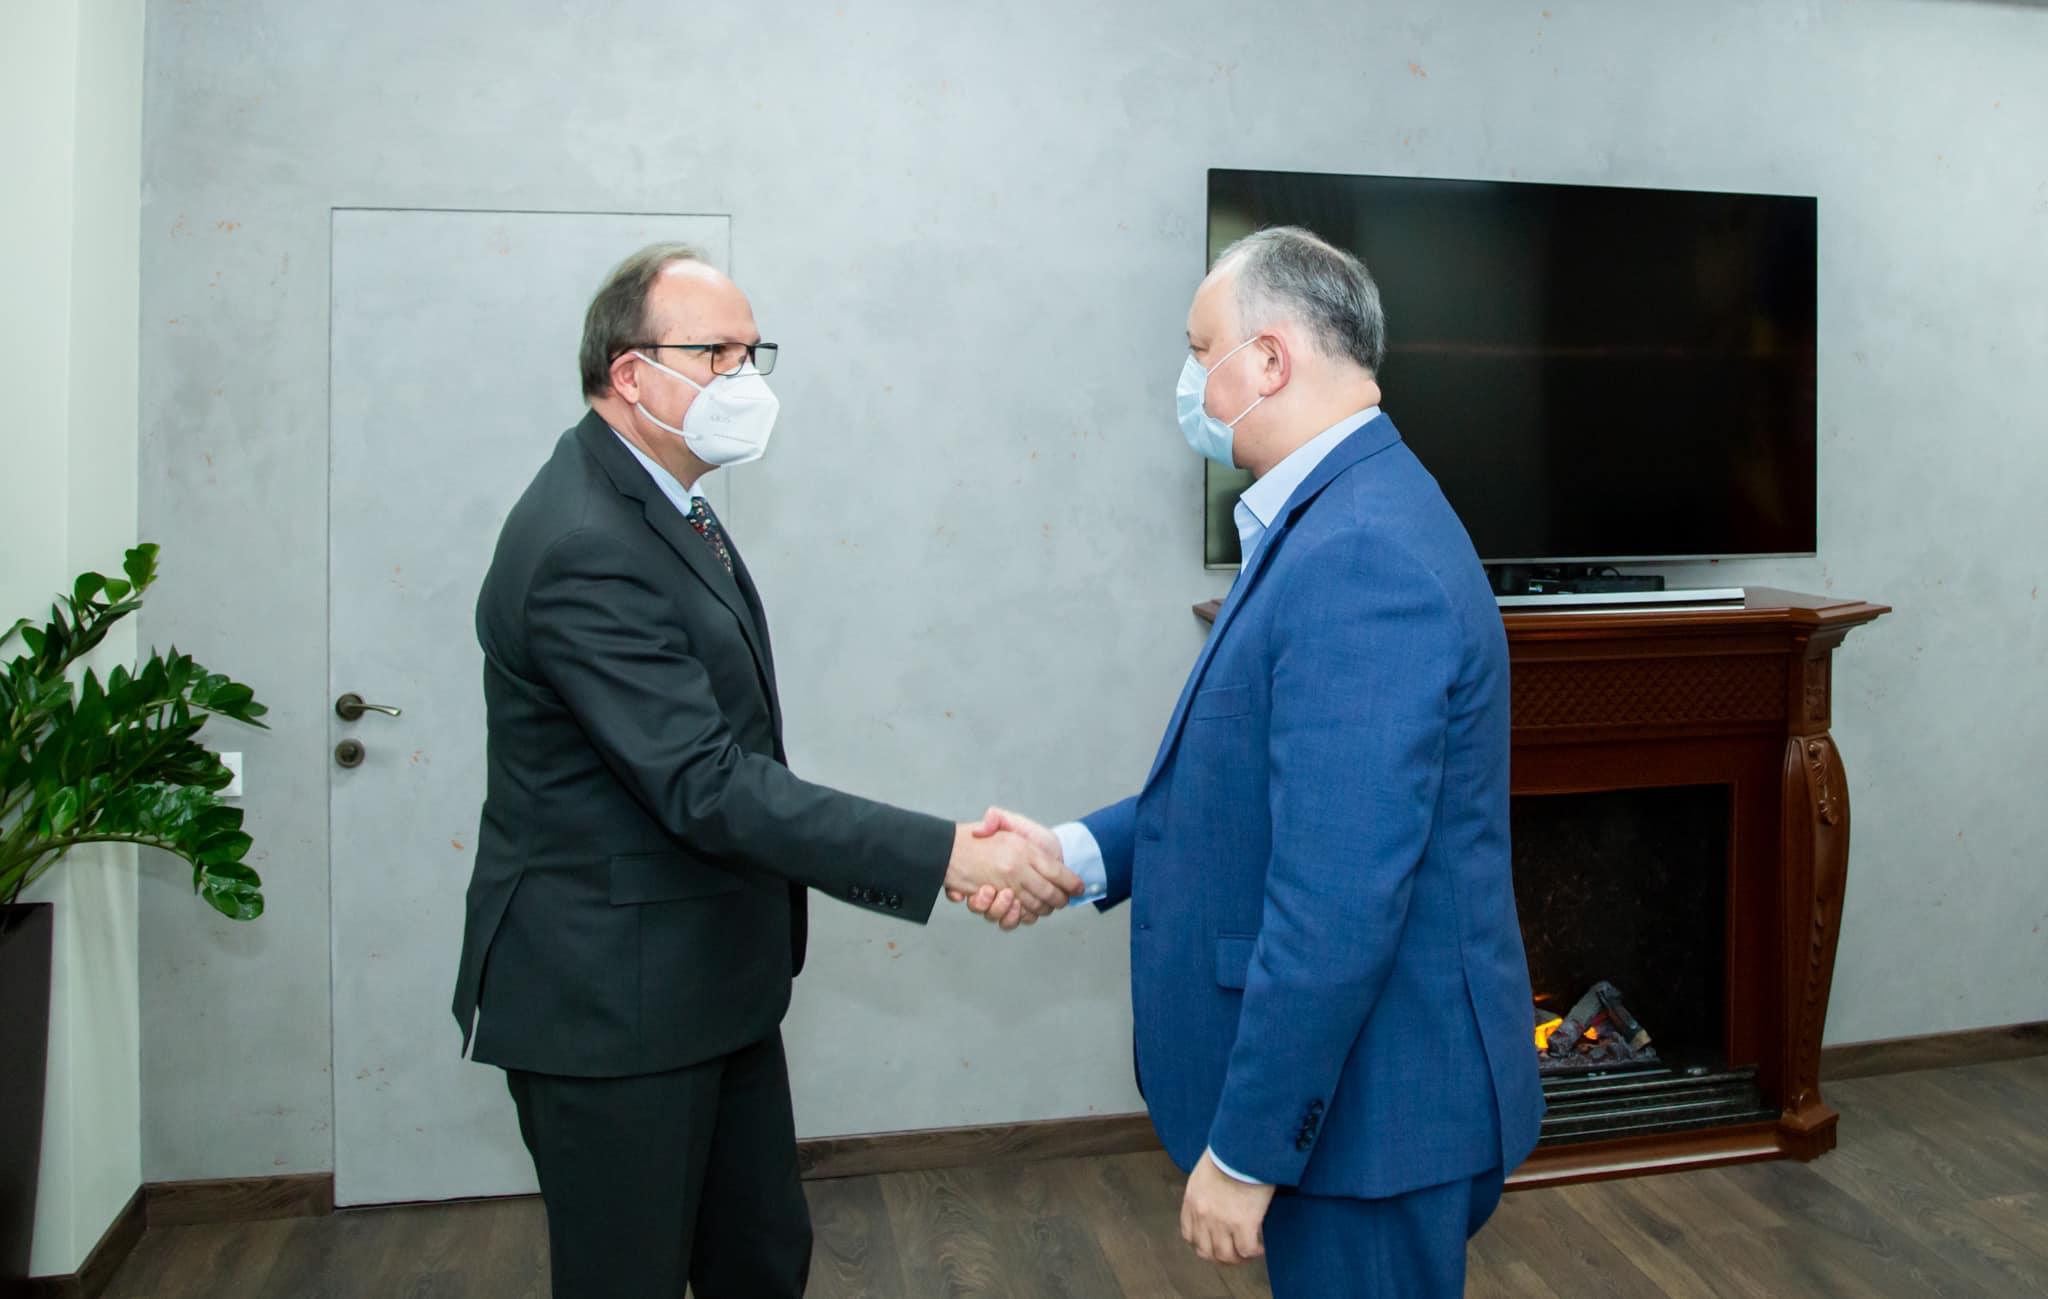 Лидер ПСРМ провёл беседу с послом Румынии (ФОТО, ВИДЕО)